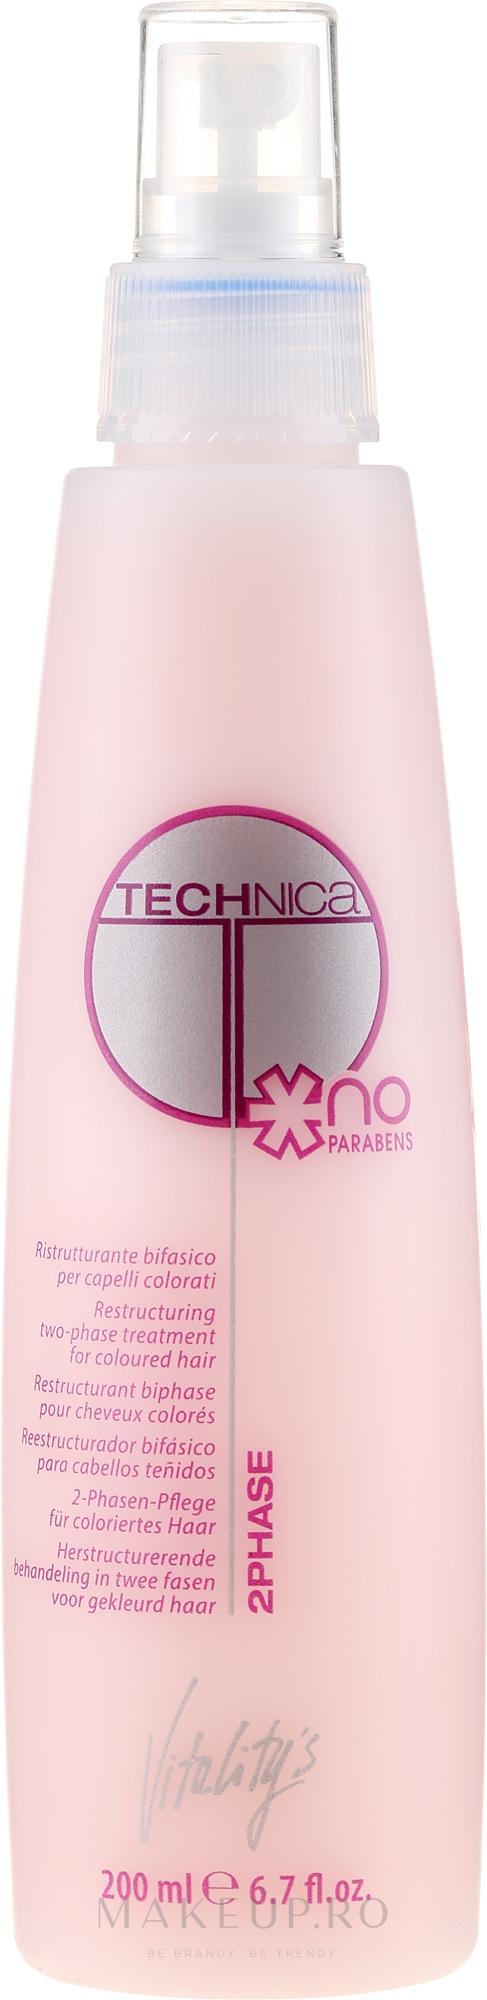 Loțiune regenerantă pentru păr - Vitality's Technica 2Phase — Imagine 200 ml